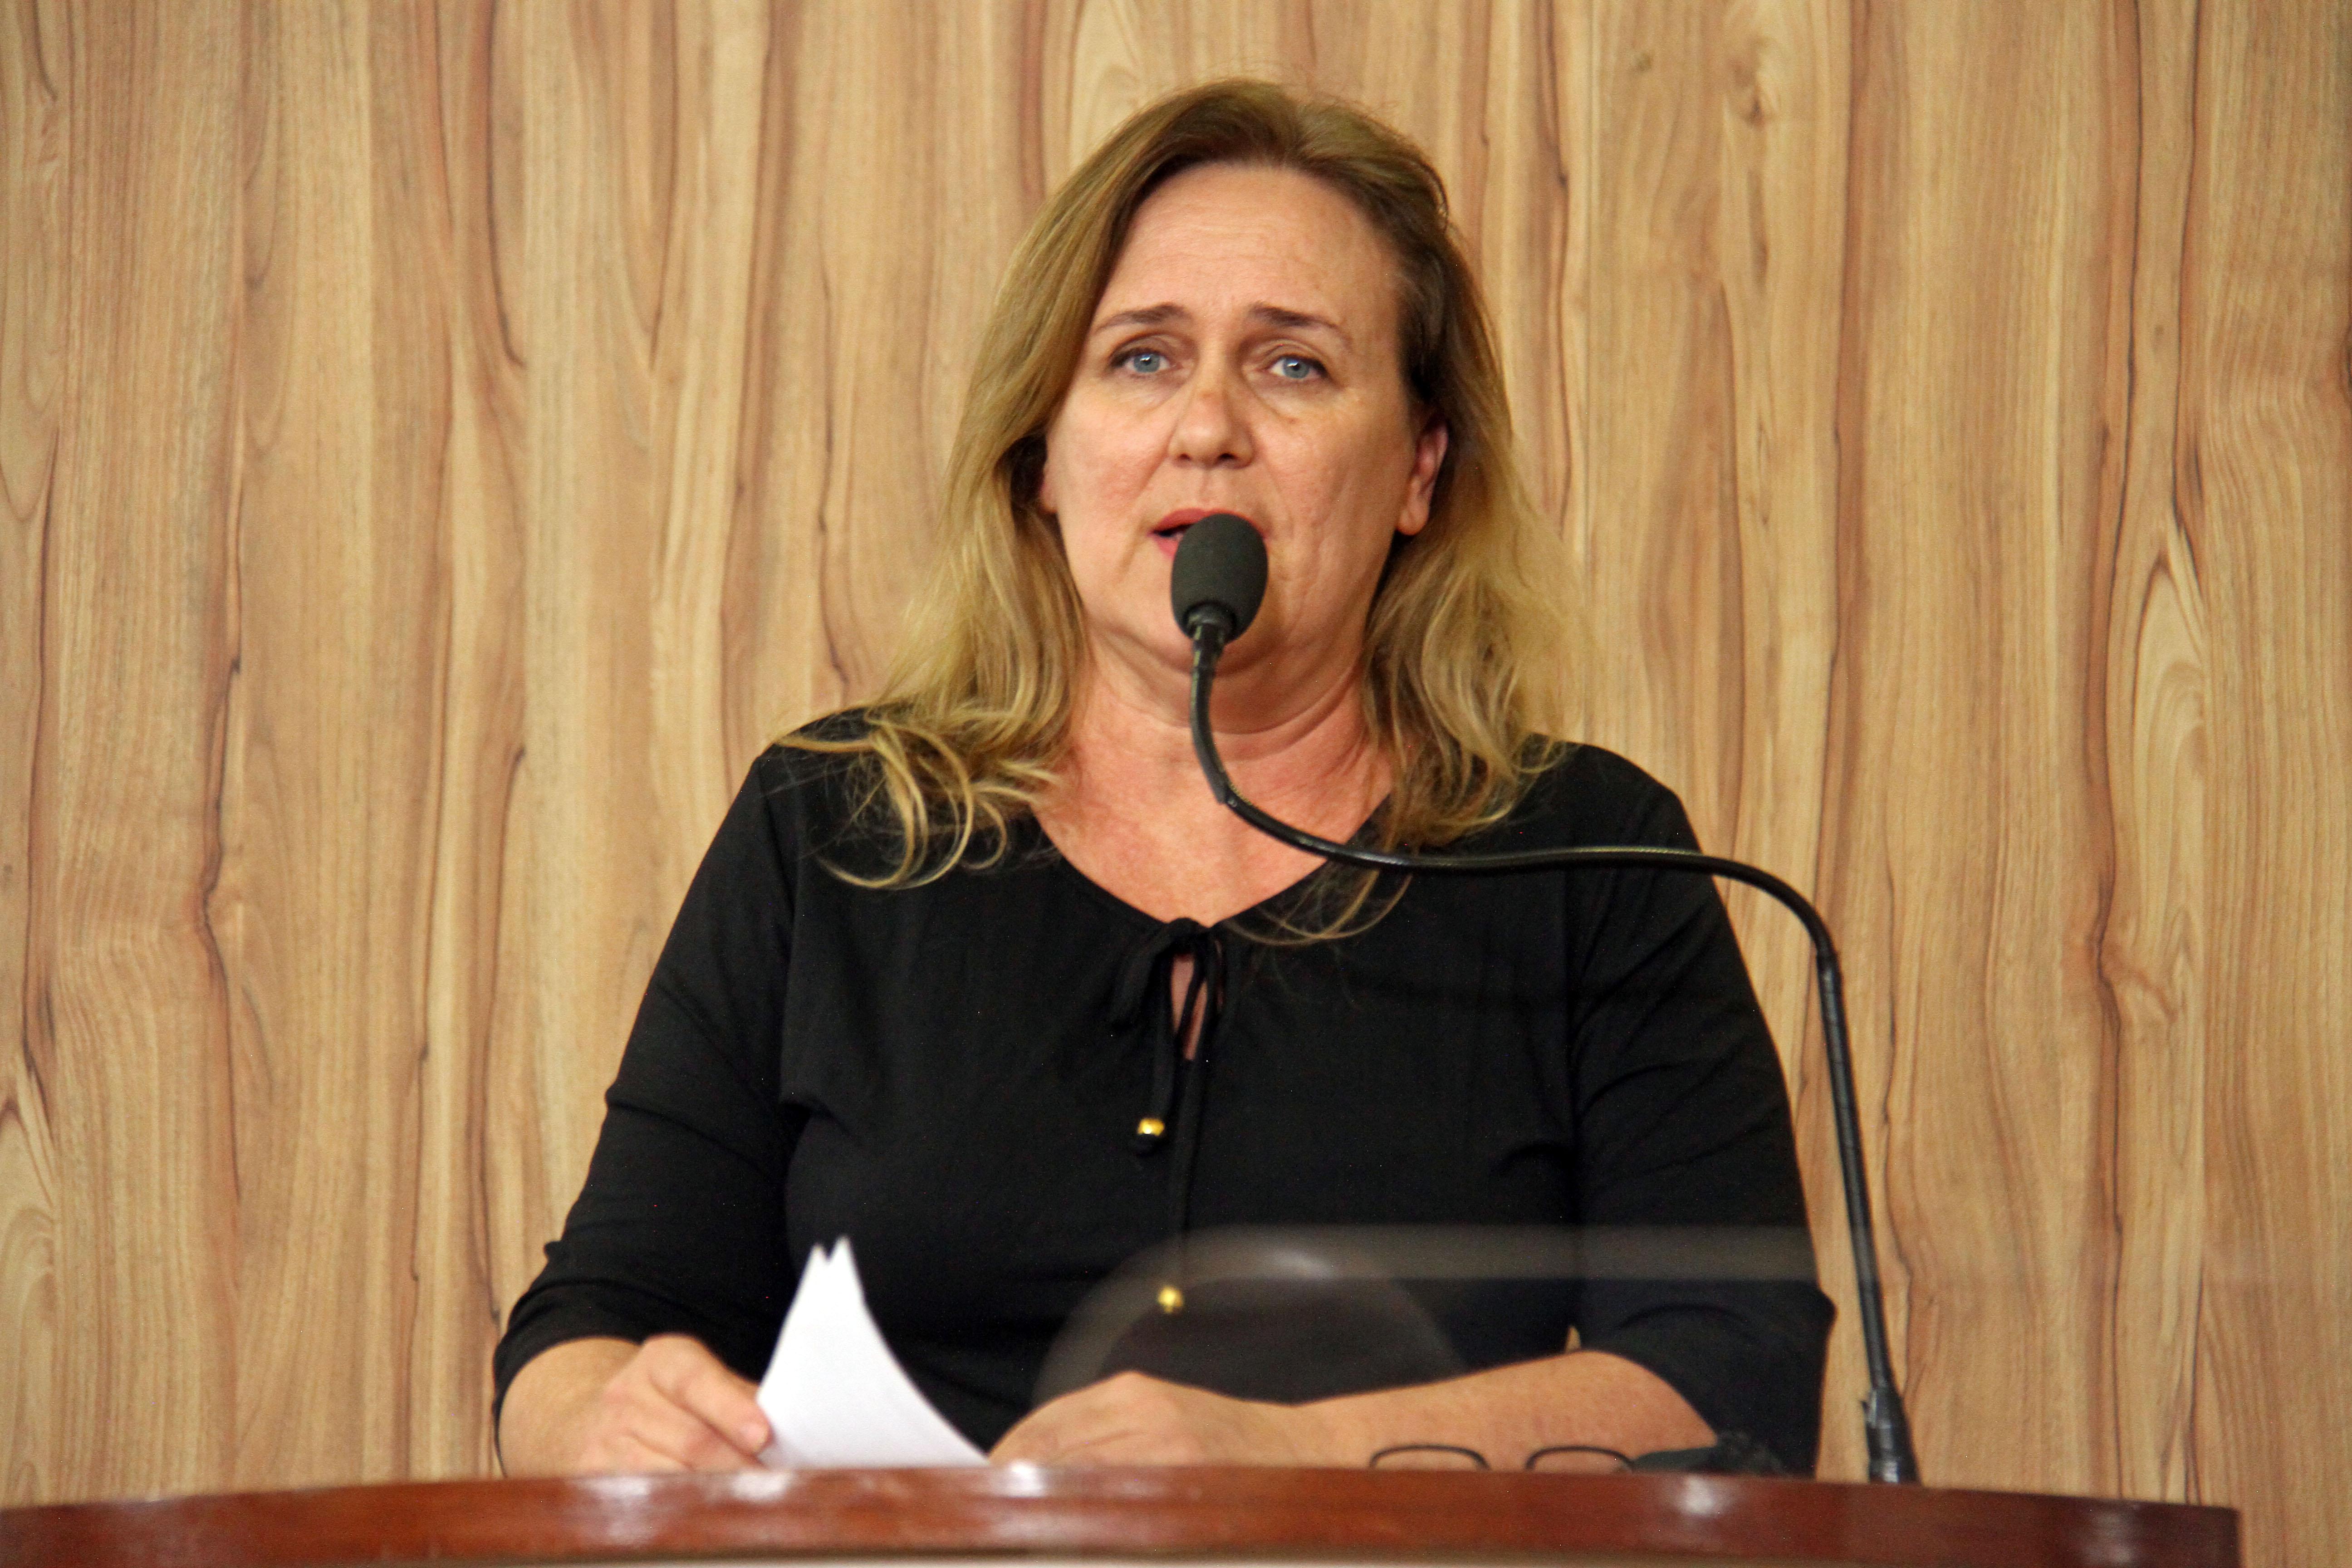 #PraCegoVer: Foto mostra a vereadora Mônica Morandi discursando na tribuna da Câmara.